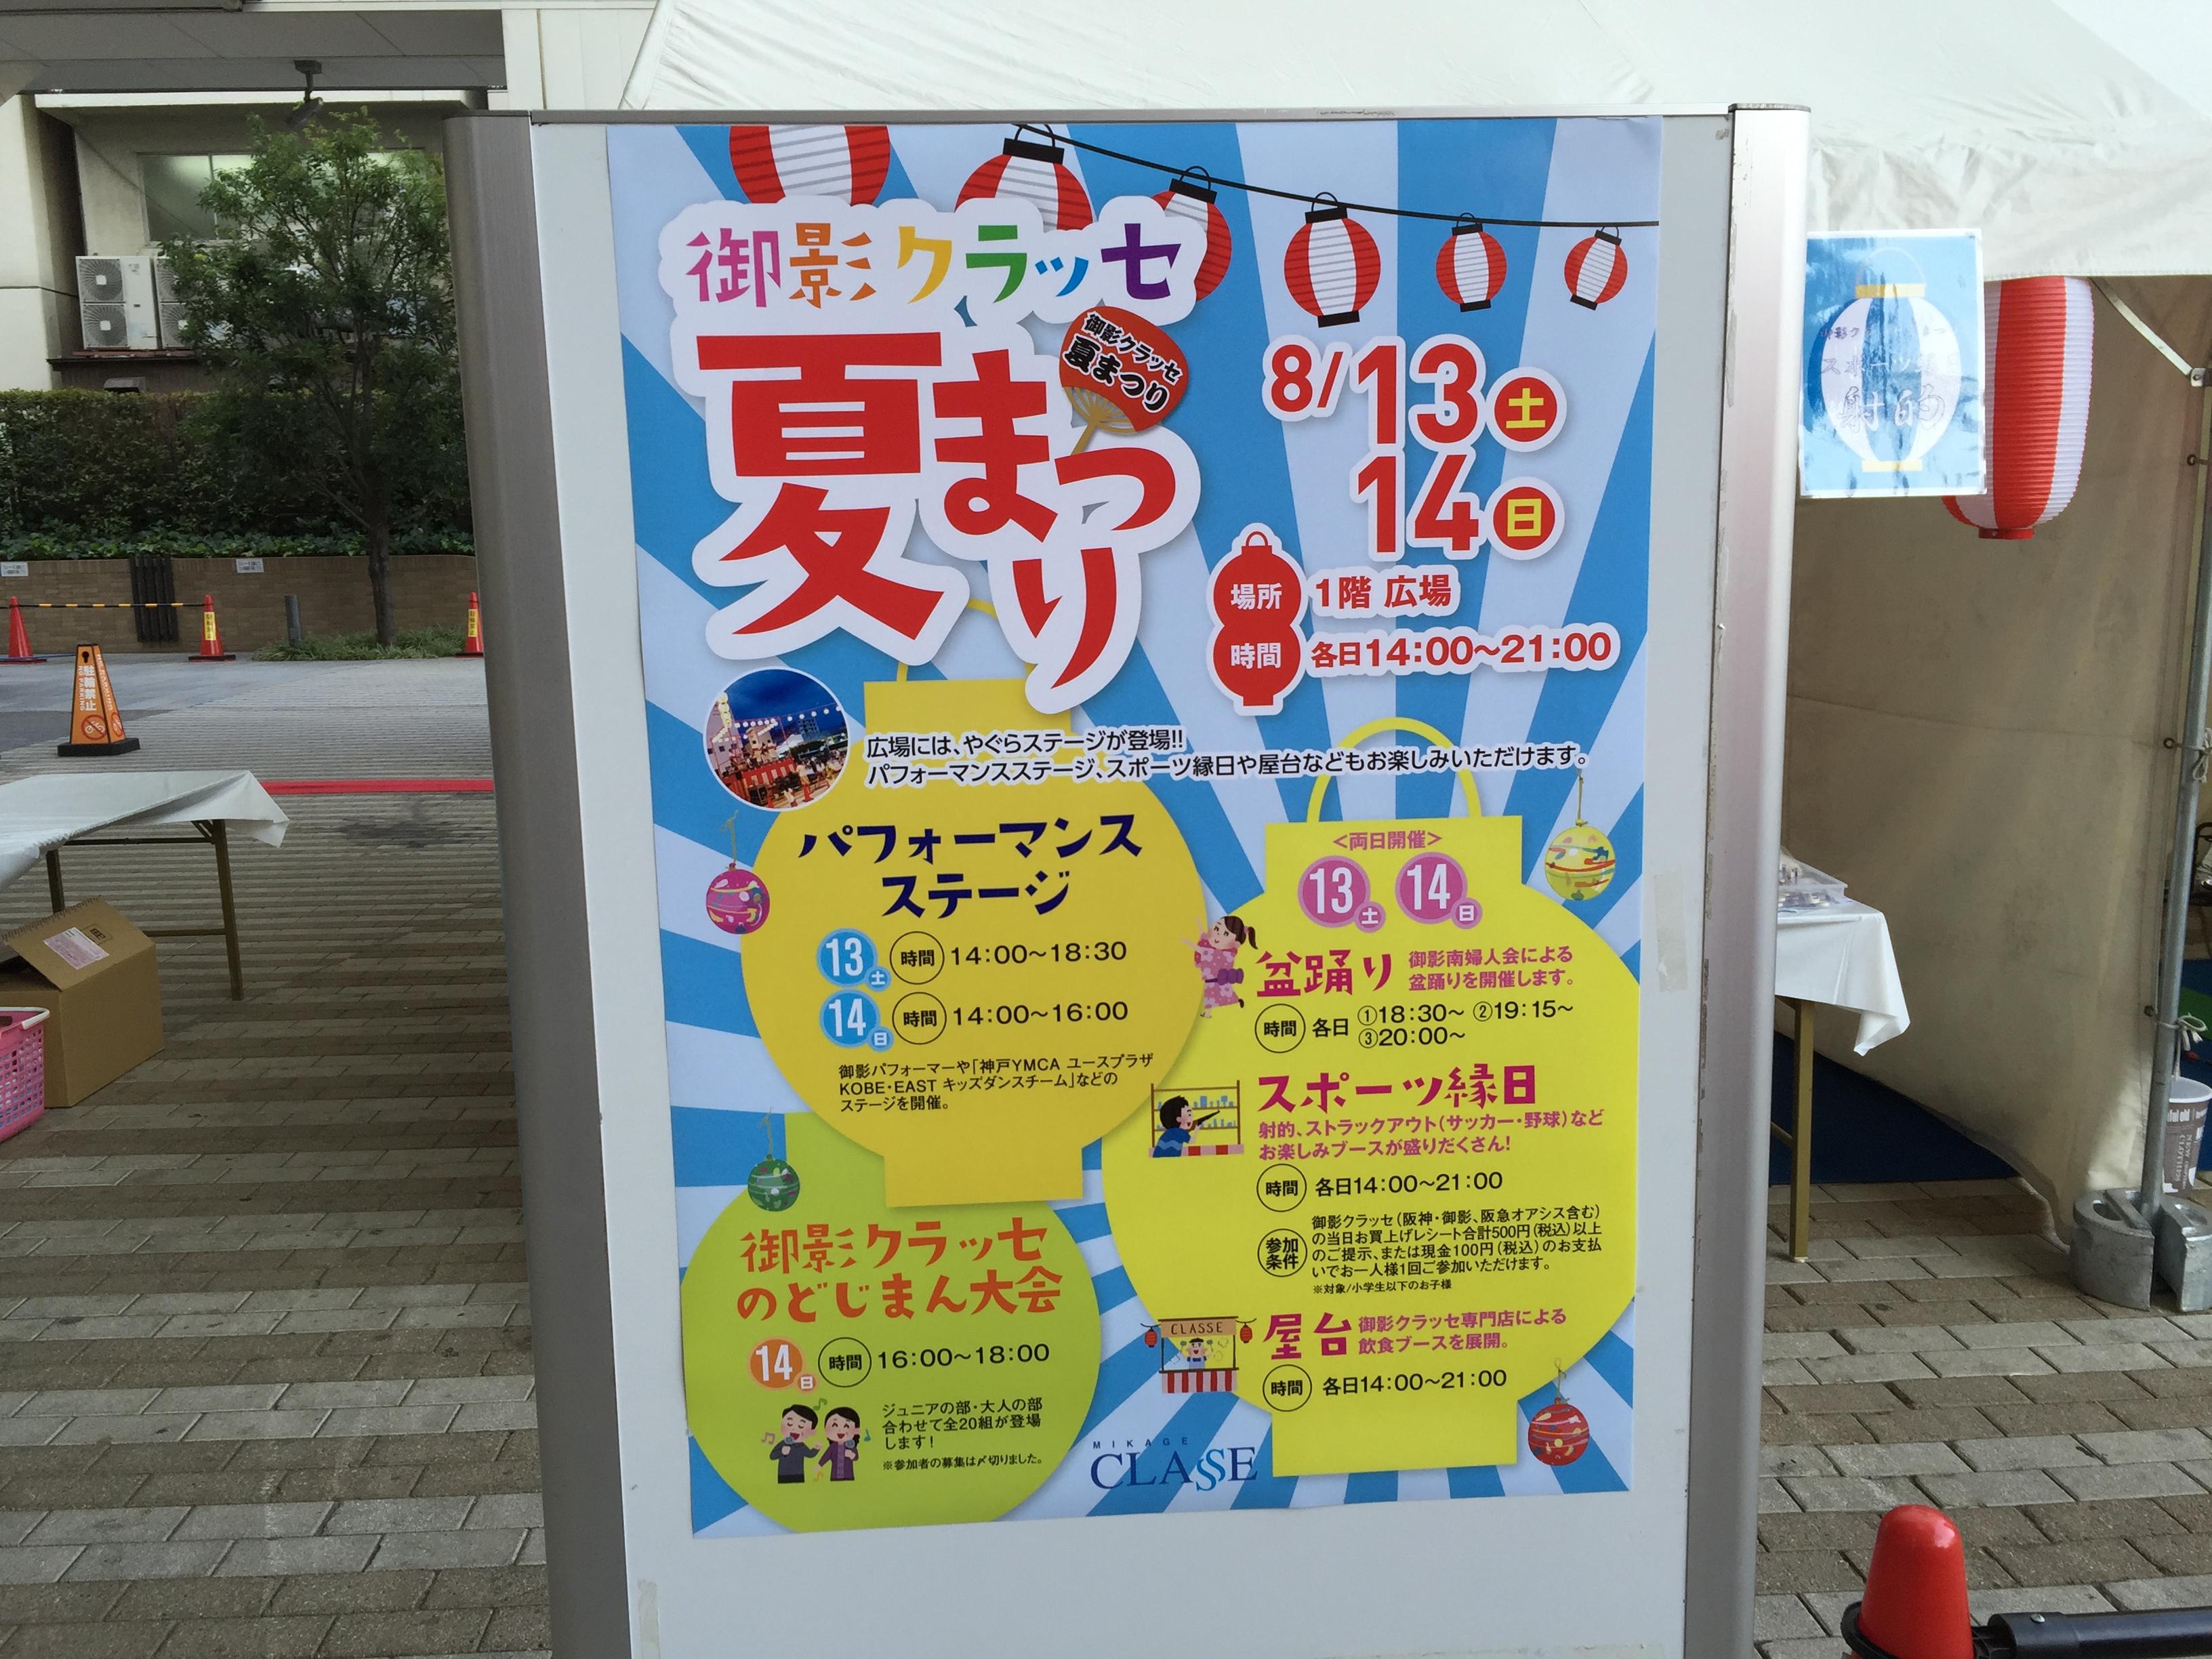 神戸・御影クラッセで8/13(土)と8/14(日)に夏まつり2016があるよ【※写真付レポ更新しました※】